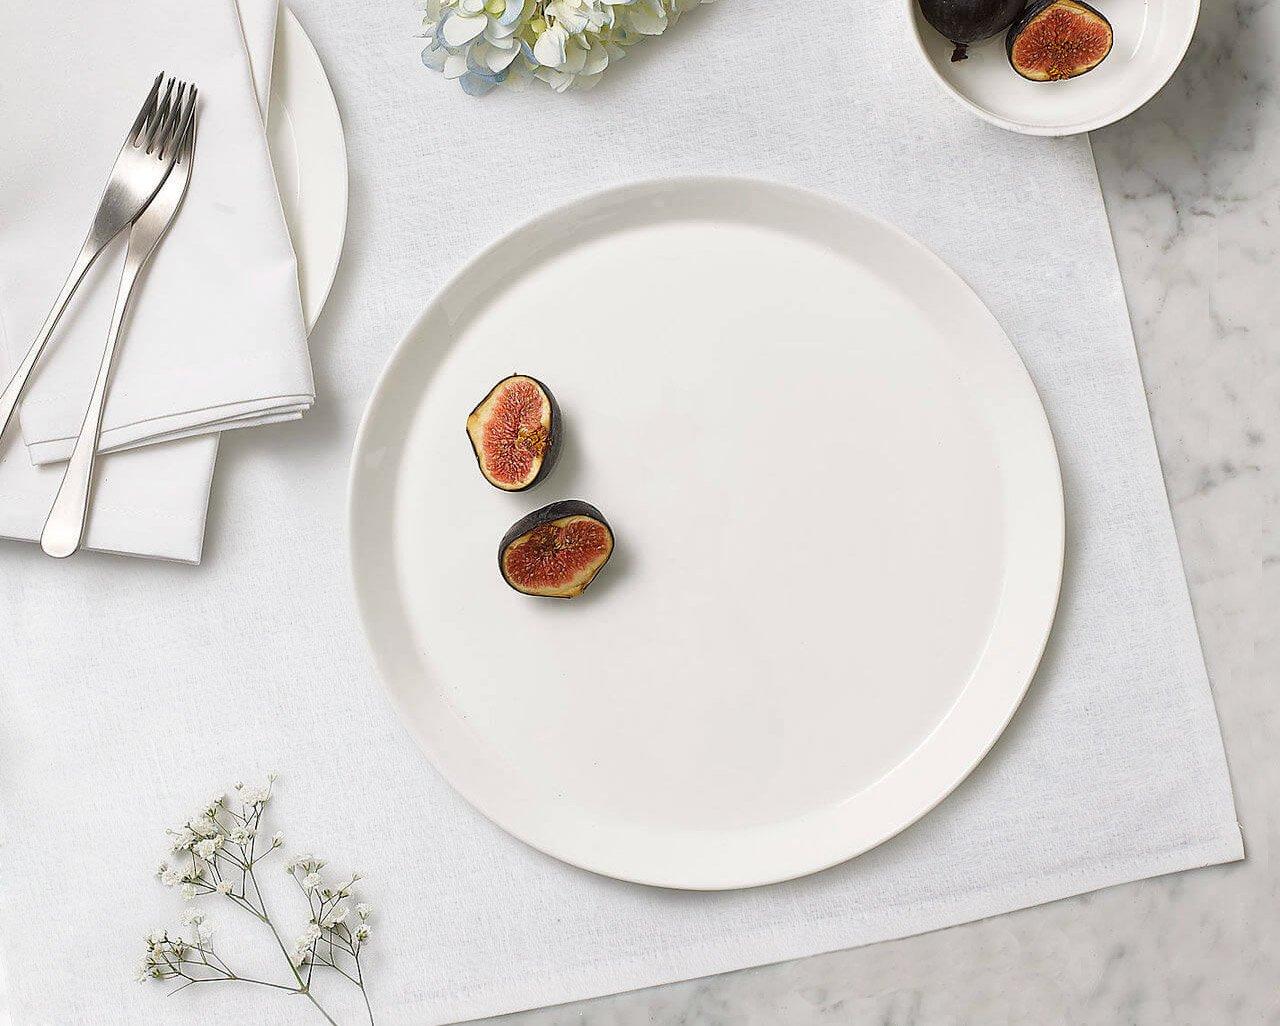 работе фото белой посуды с едой весеннюю